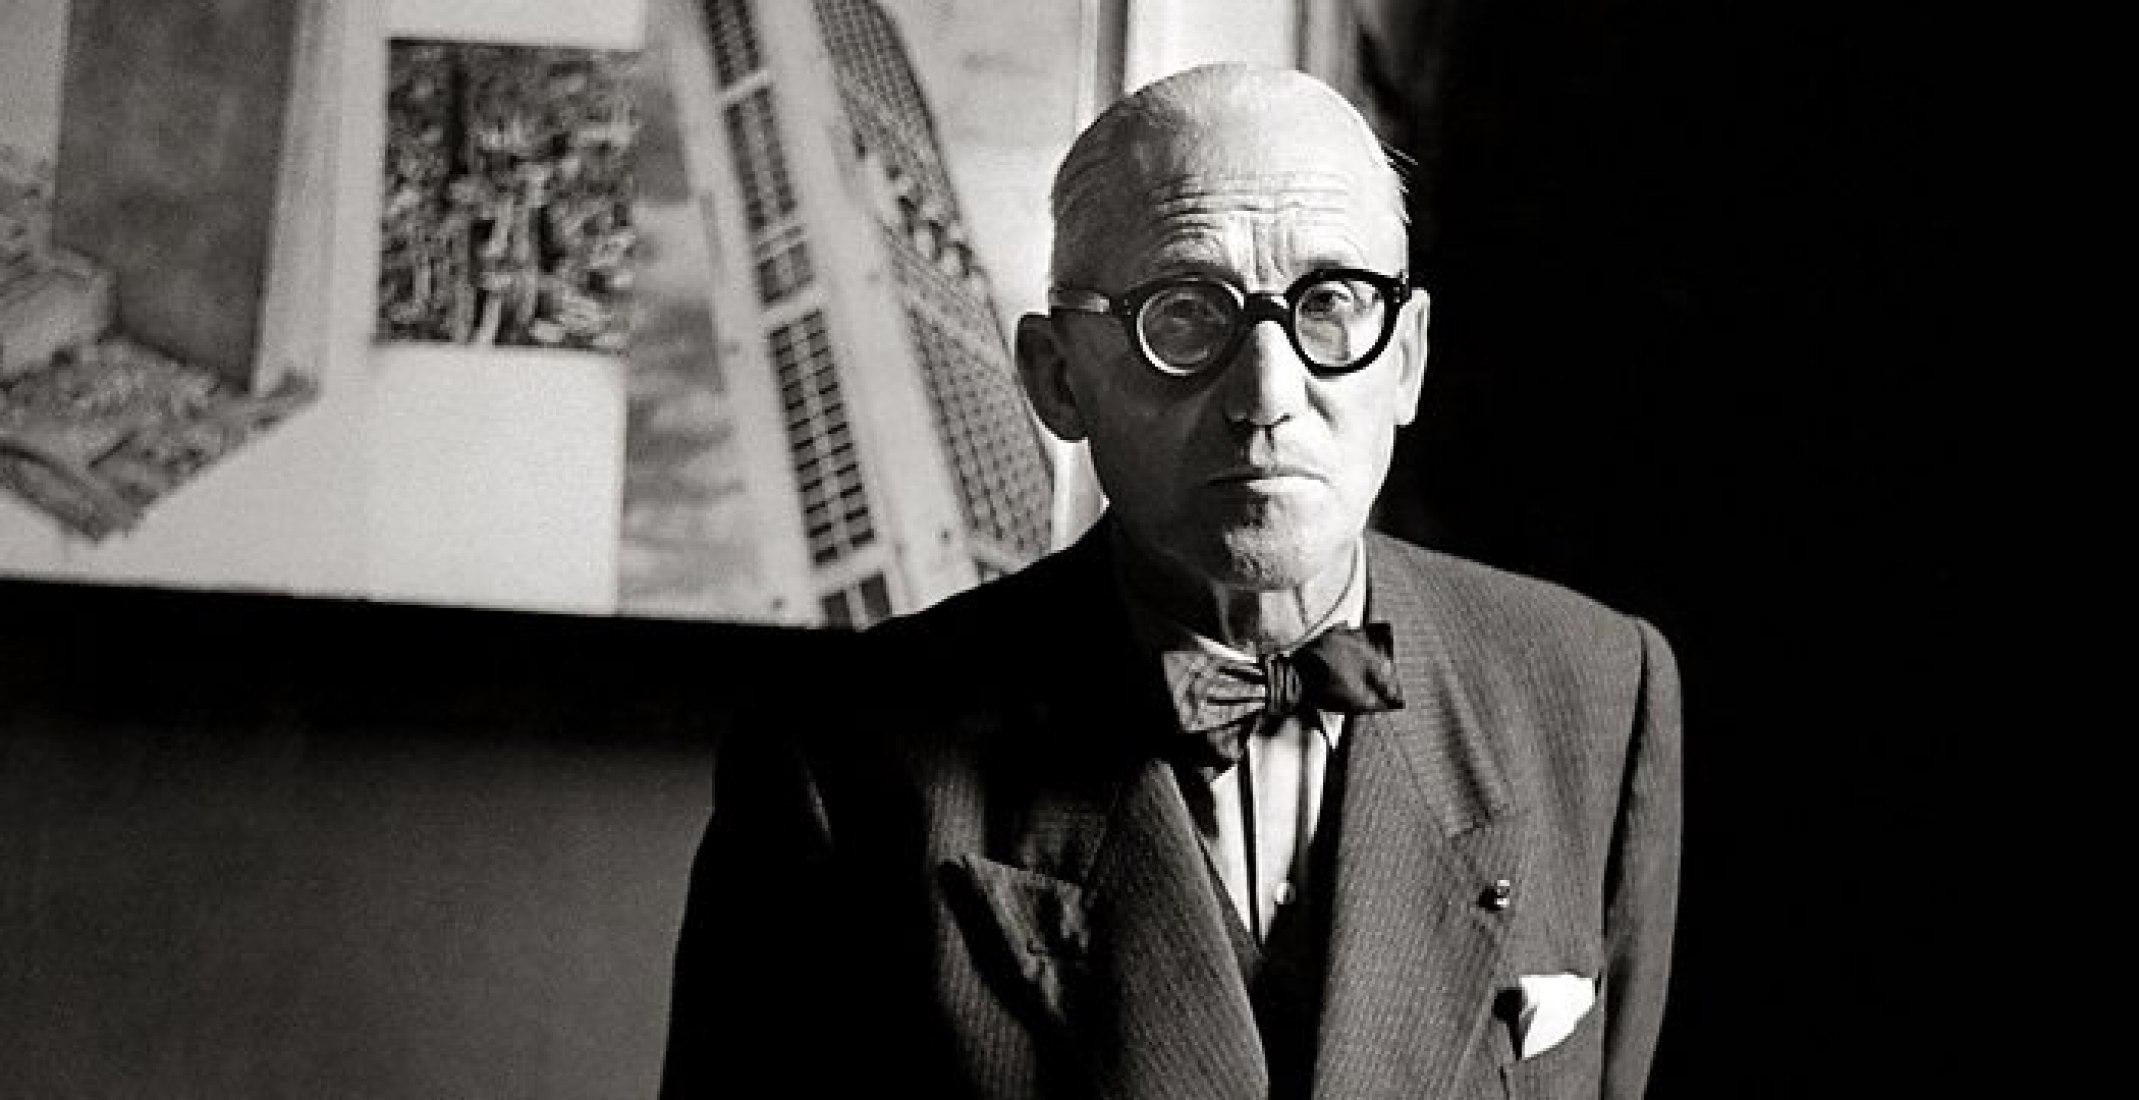 Le Corbusier y Salvador Dalí en la BBC